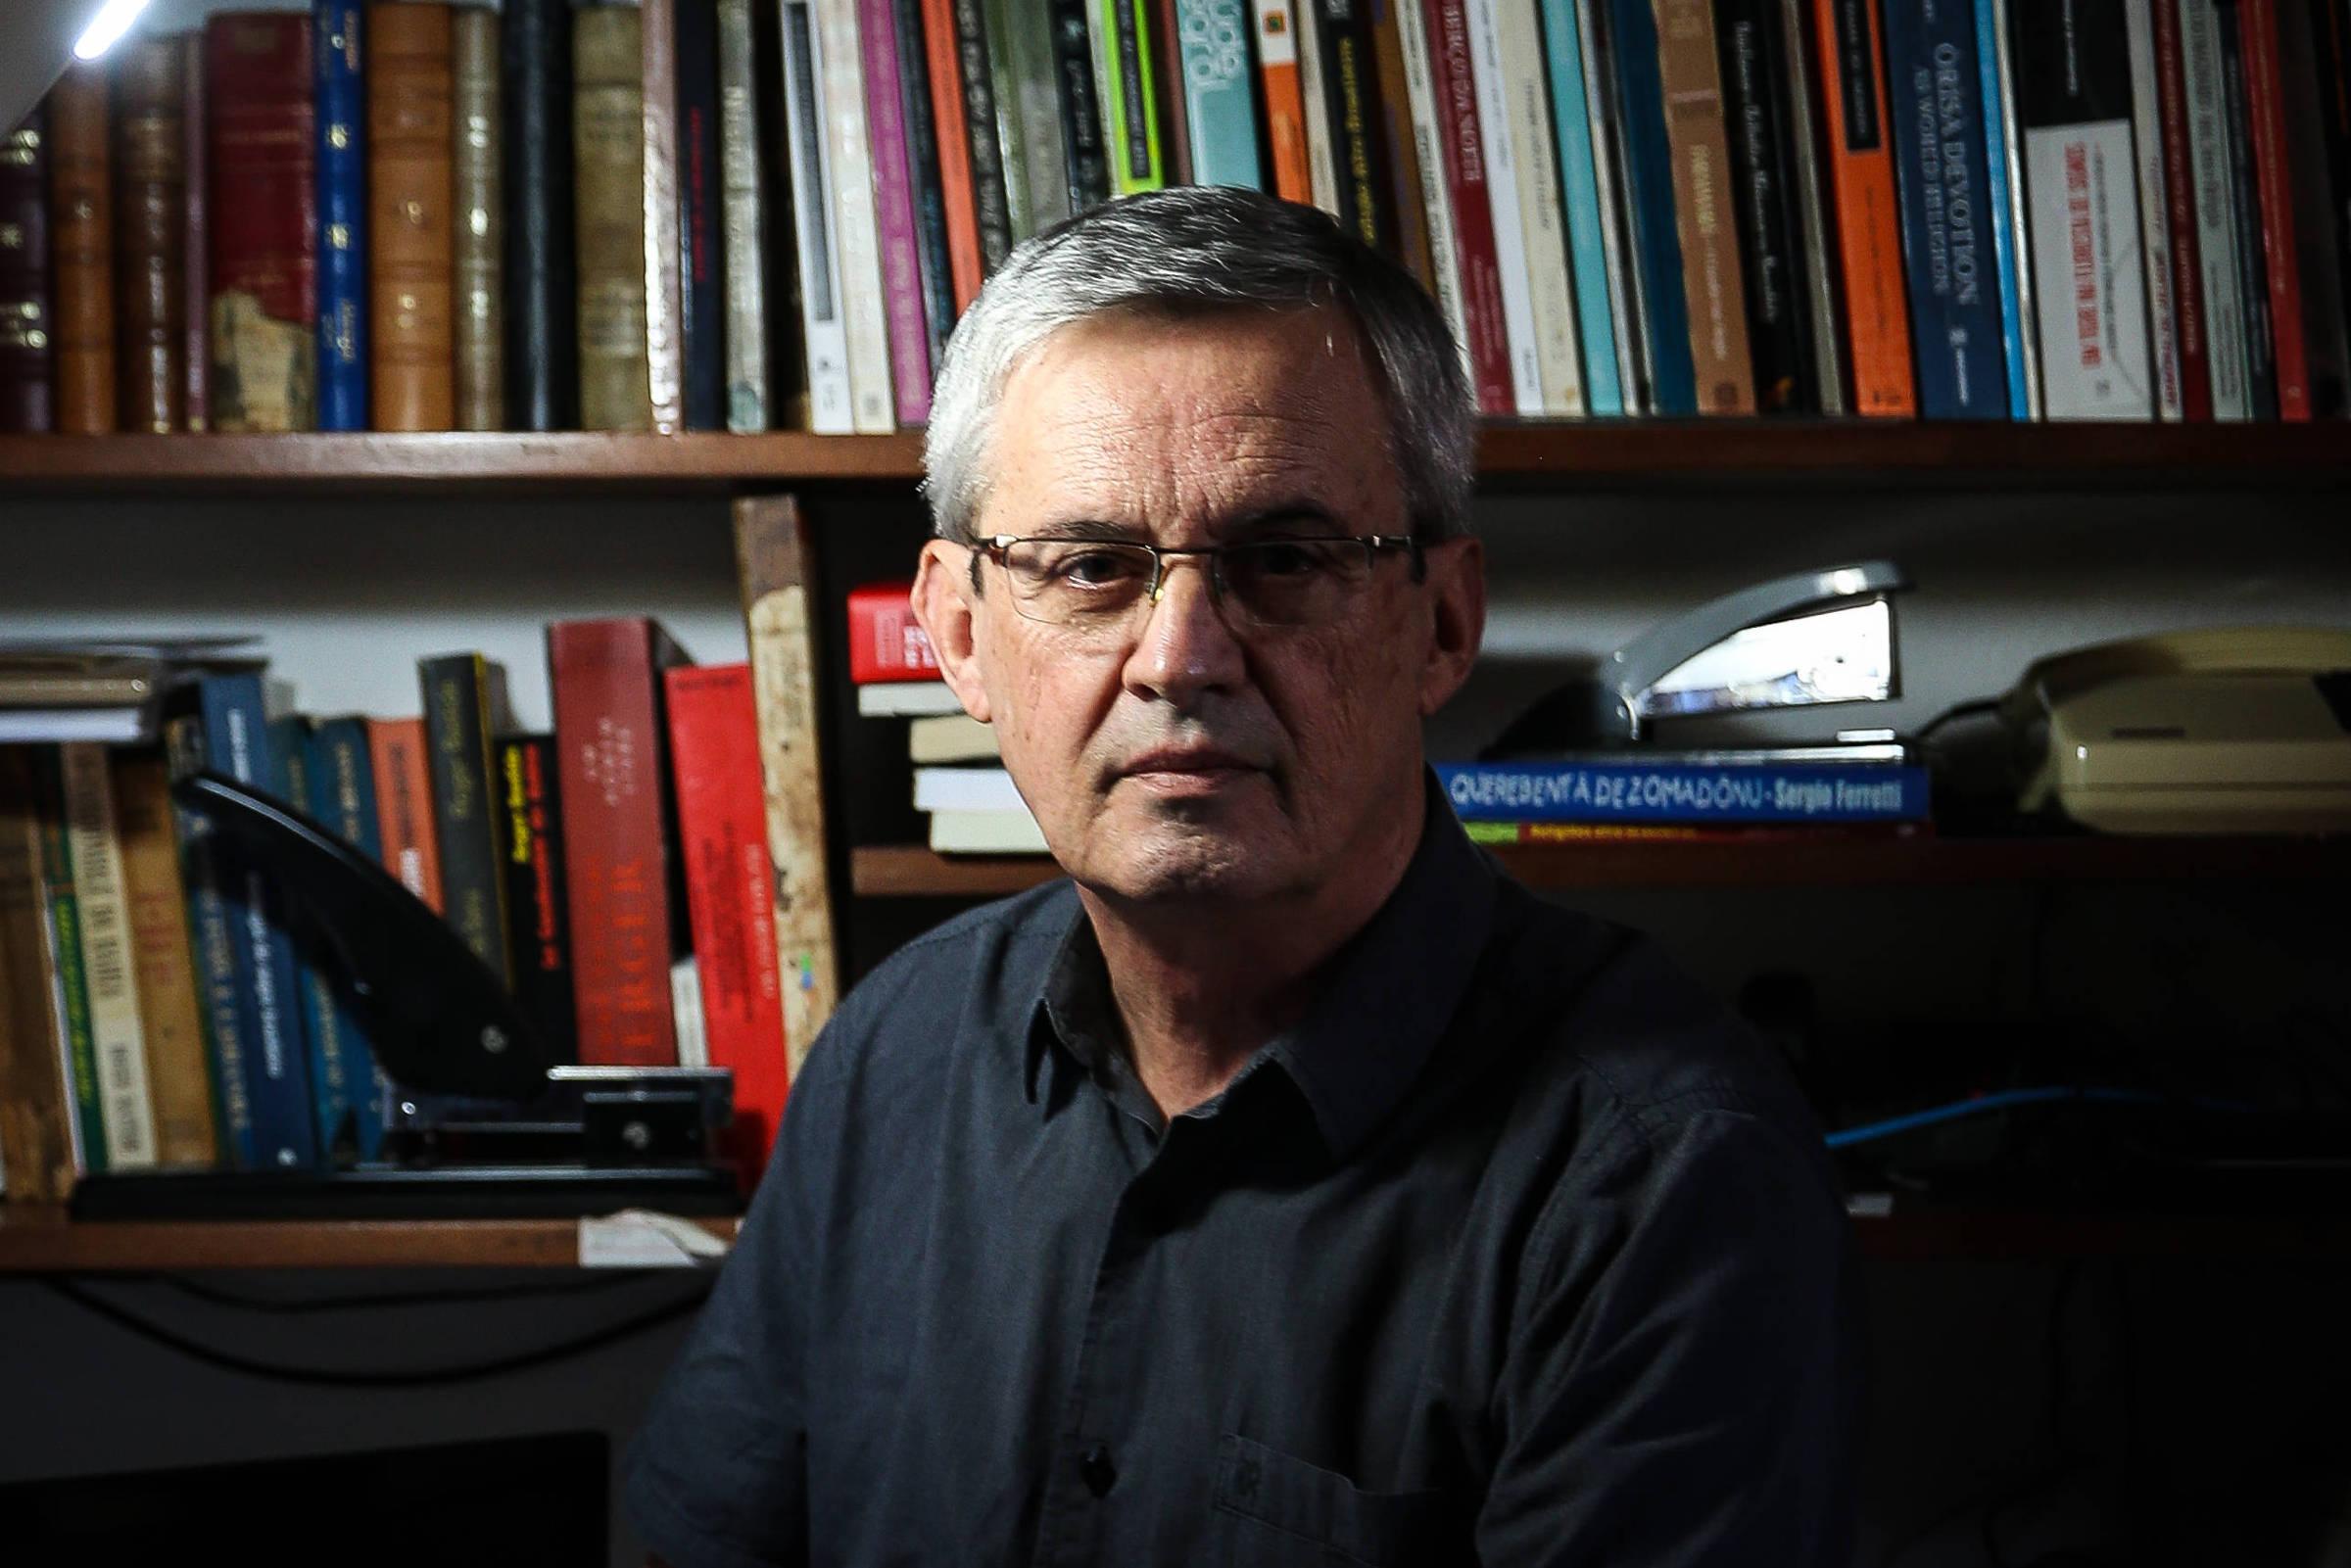 O escritor e sociólogo Reginaldo Prandi em sua casa, em São Paulo - Zanone Fraissat - 1º.jun.18/Folhapress